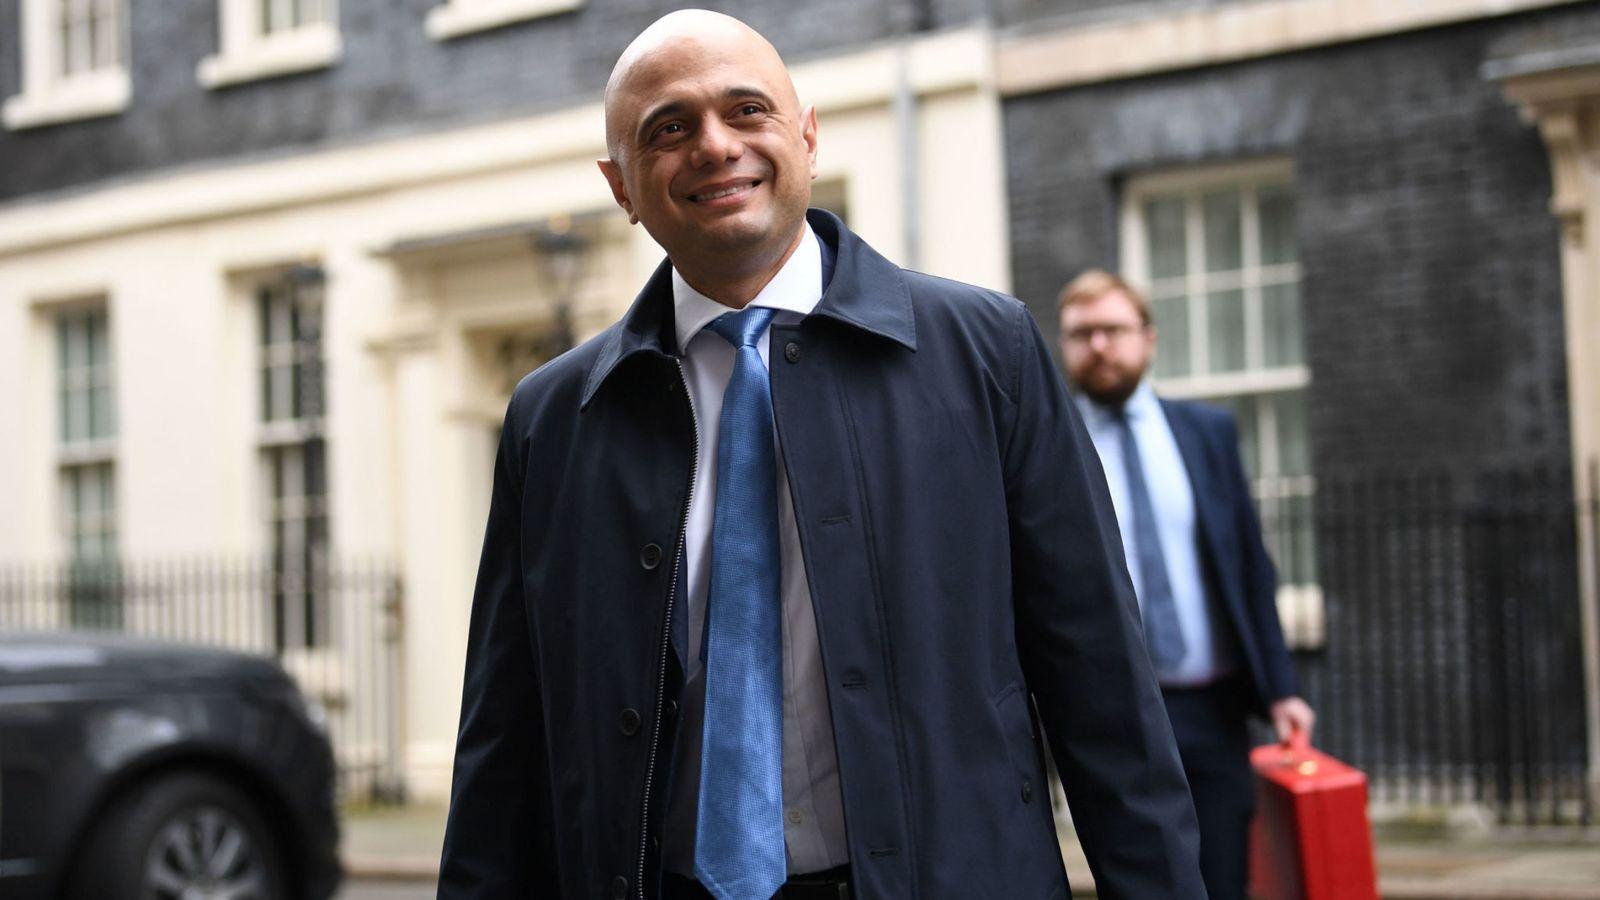 Bộ trưởng Tài chính Vương quốc Anh - Sajid Javid - khuyên các doanh nghiệp nên chuẩn bị thích nghi với các chính sách, tiêu chuẩn thương mại mới.